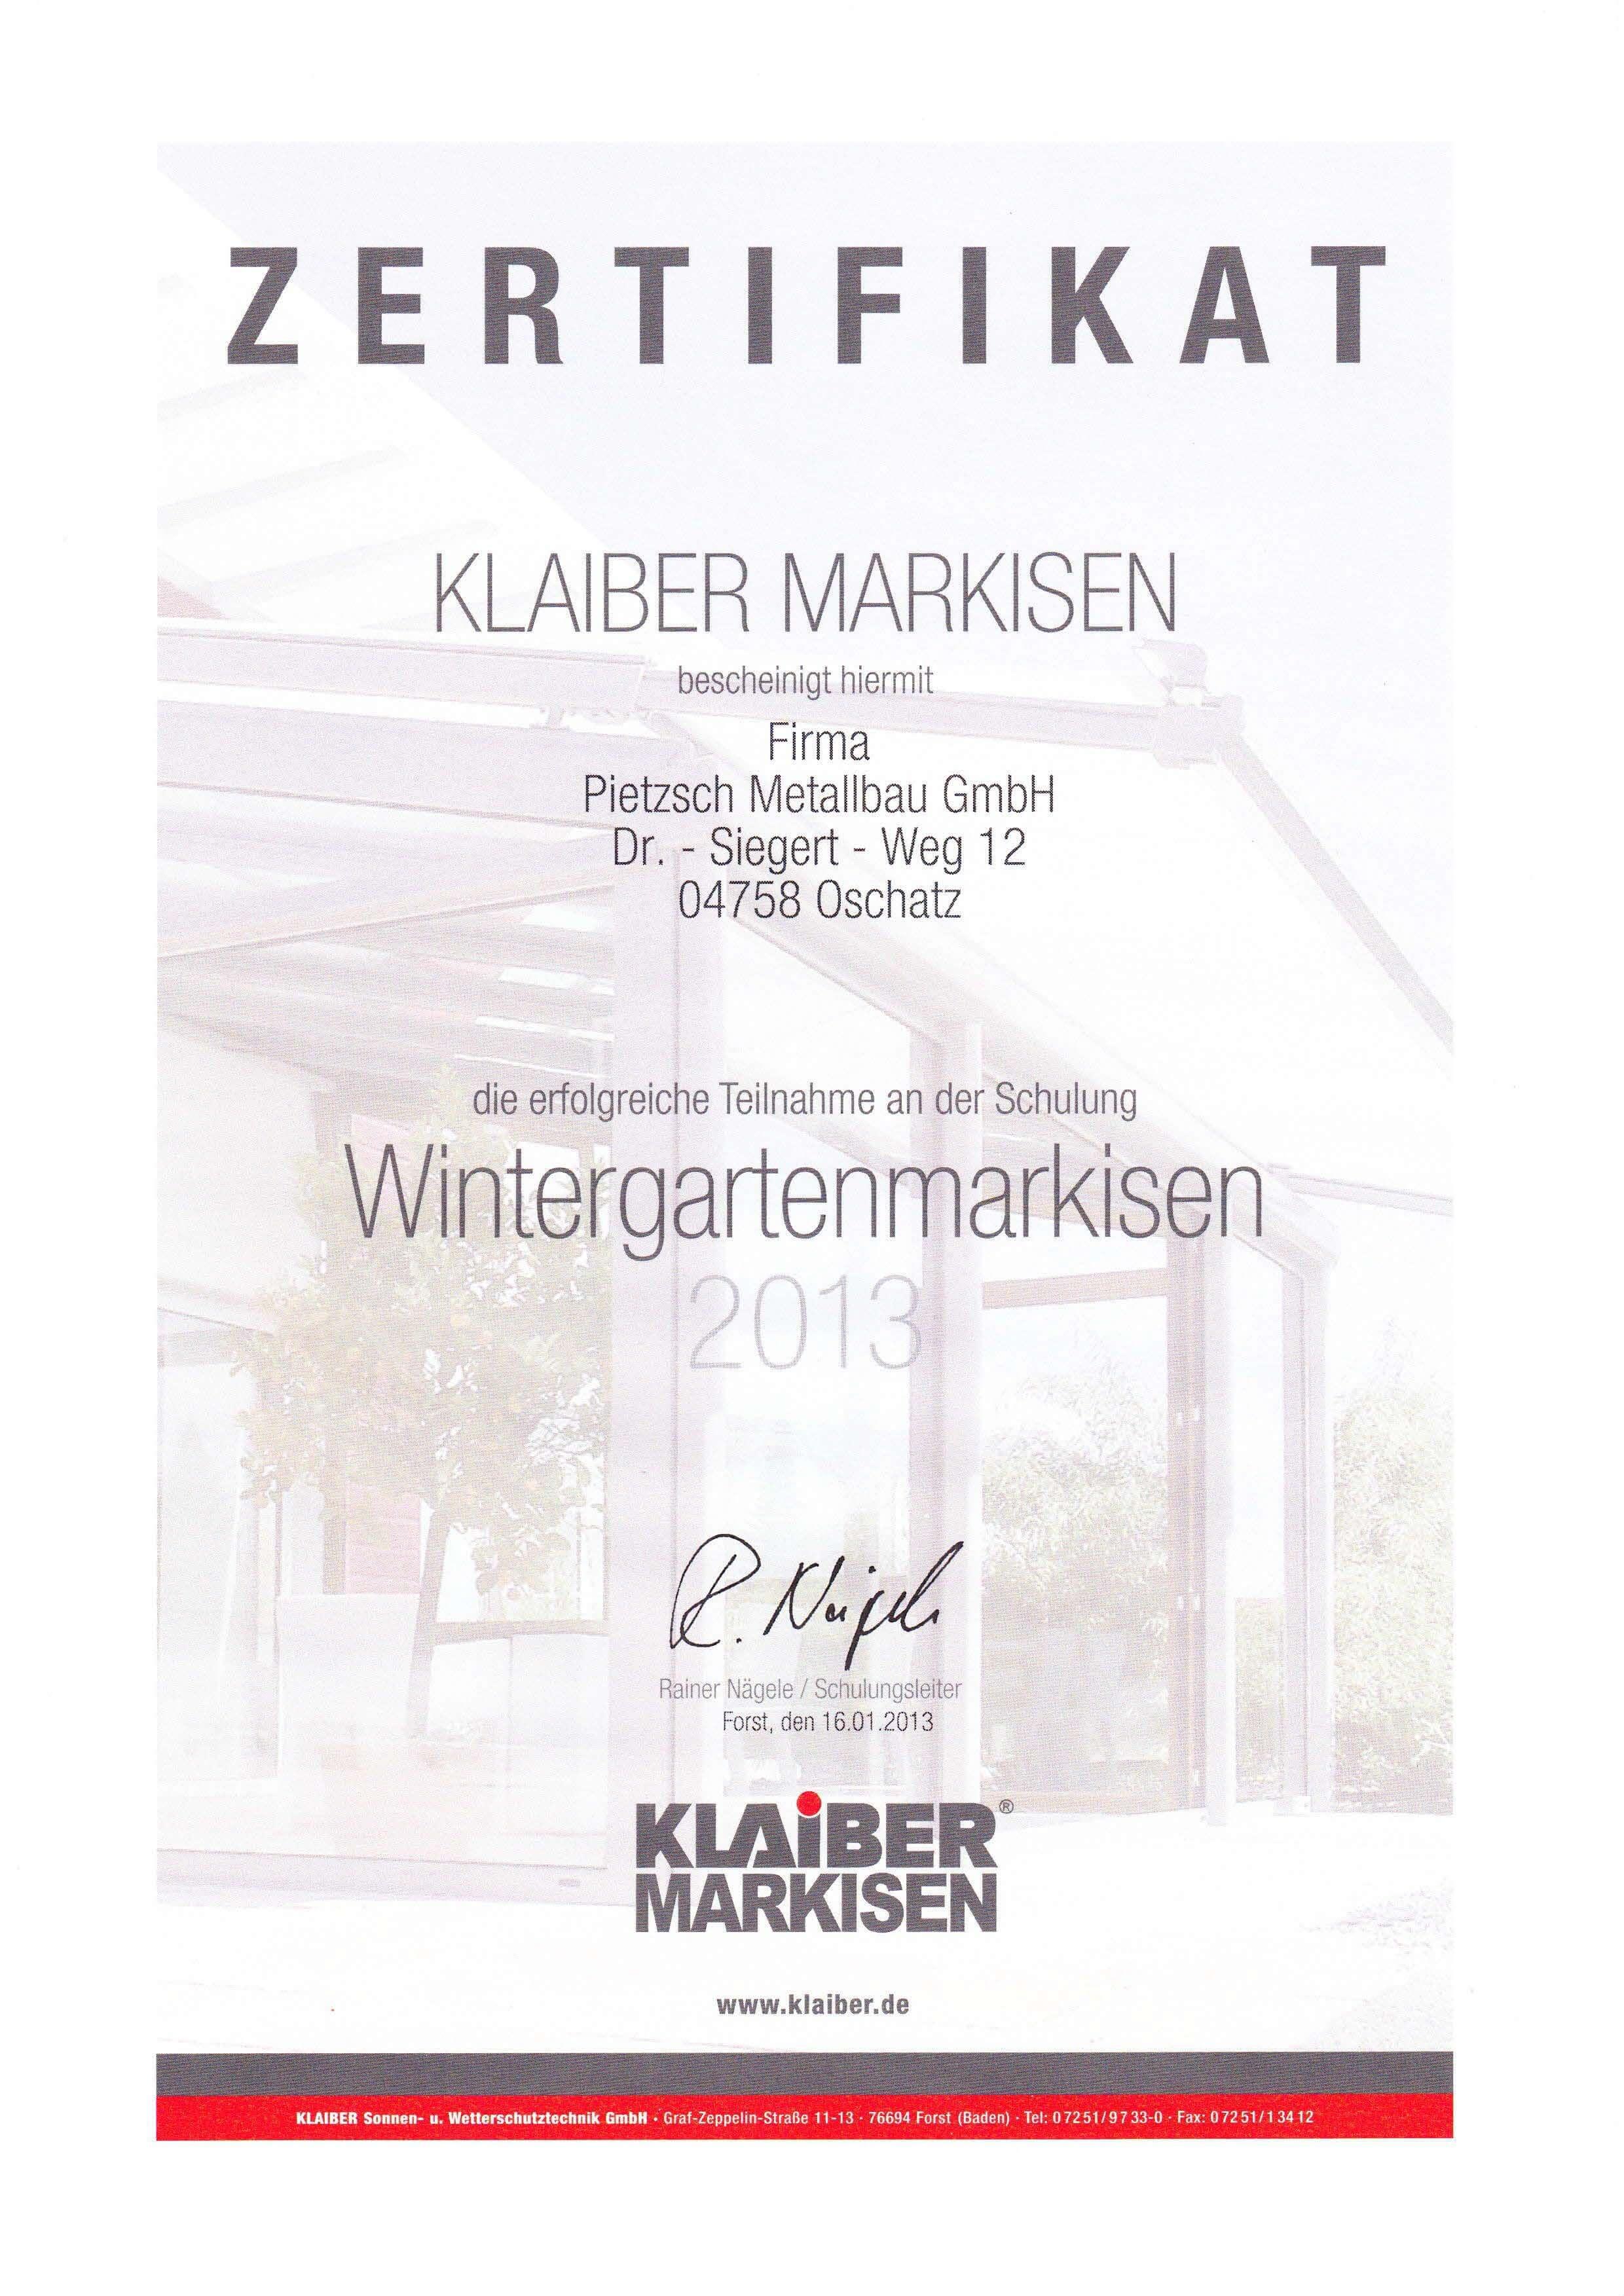 Zertifikate Und Weiterbildungen F R Markisen Und